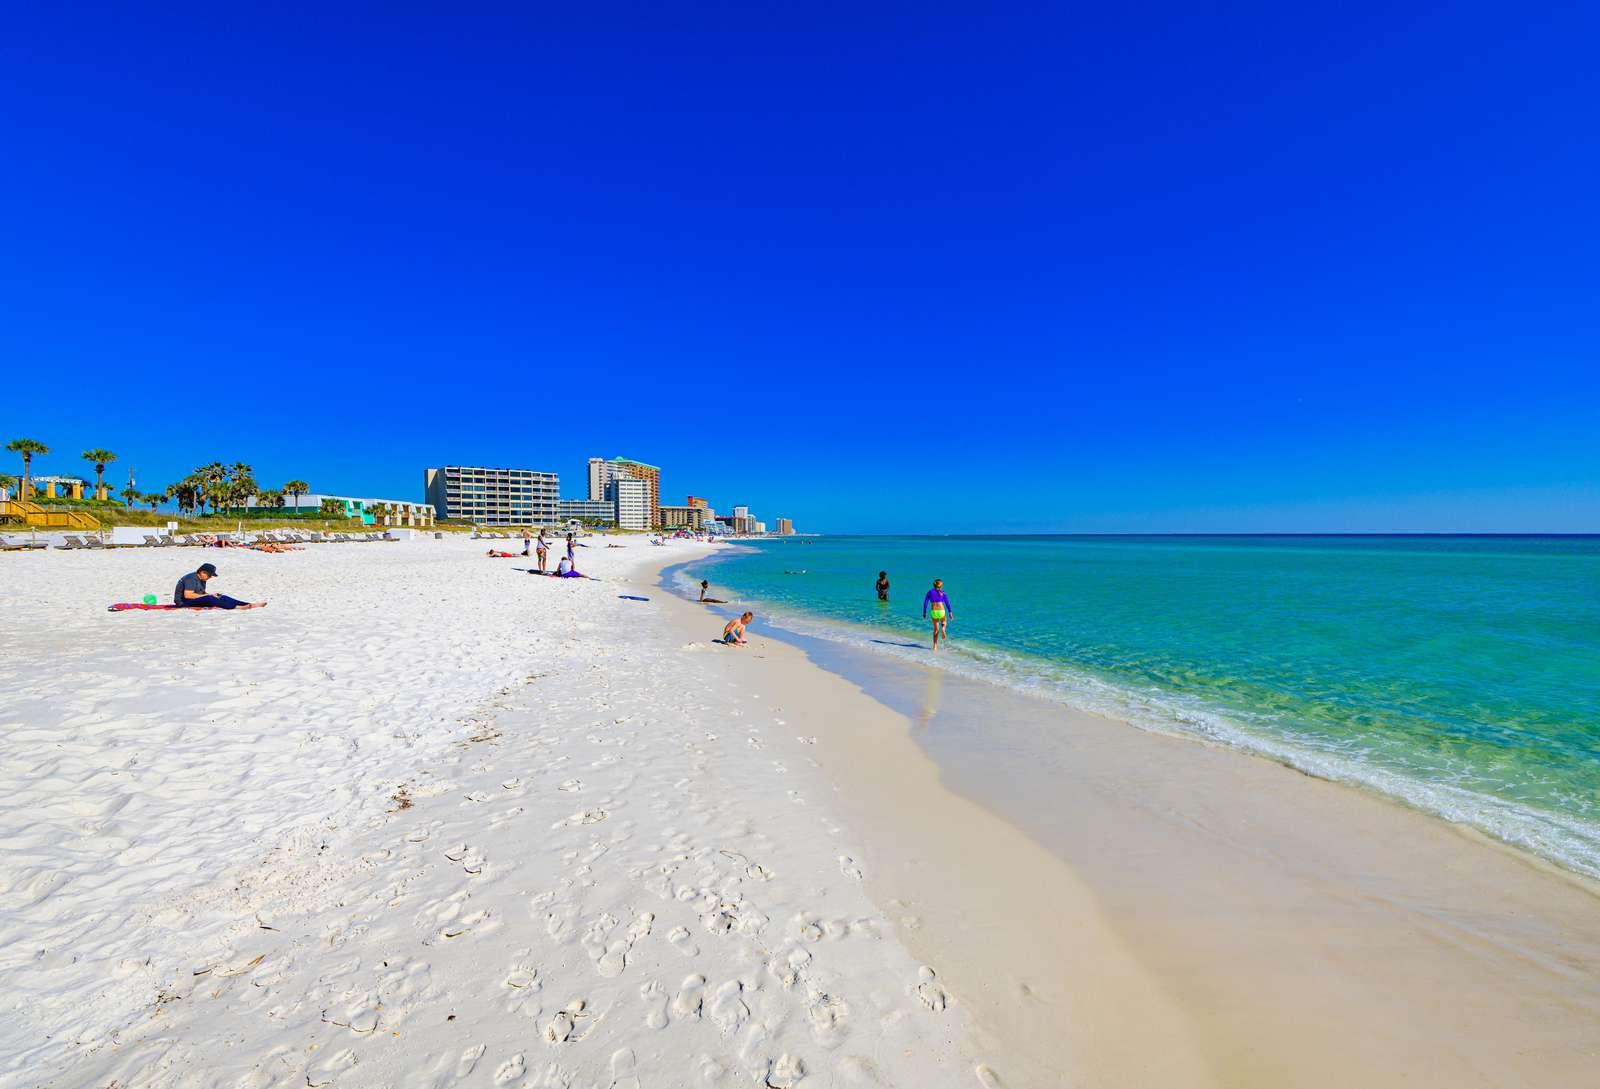 Enjoy our beautiful beaches!